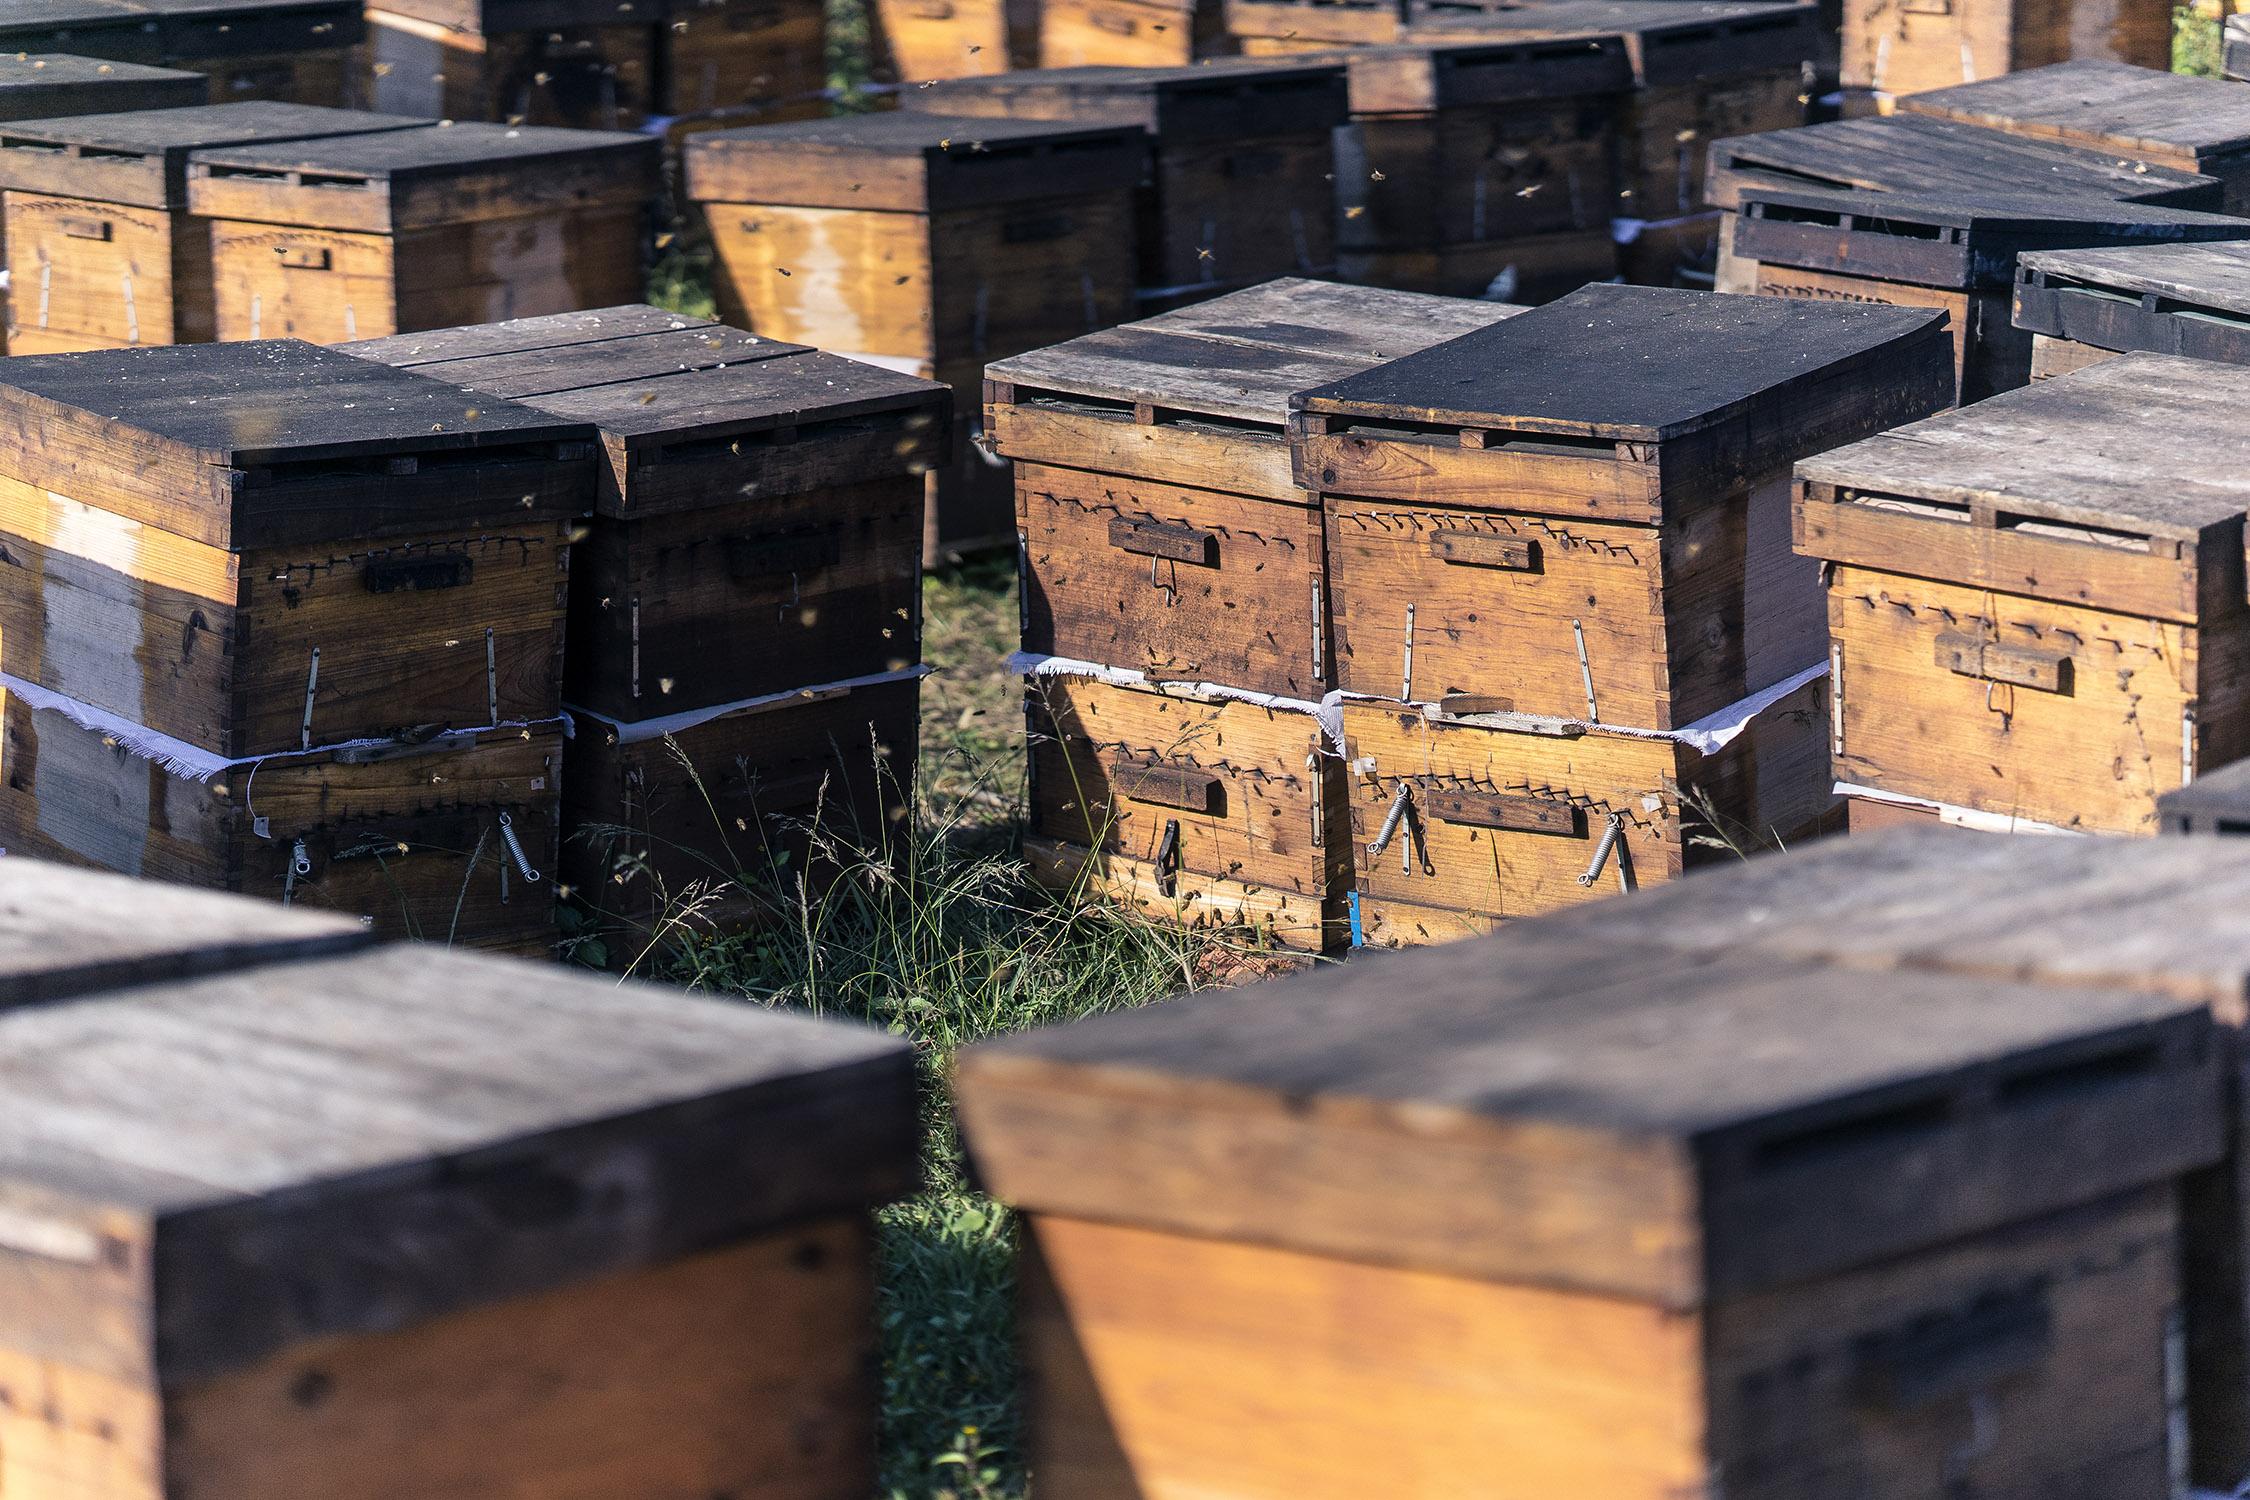 bees_xishuangbanna_hives_yunnan